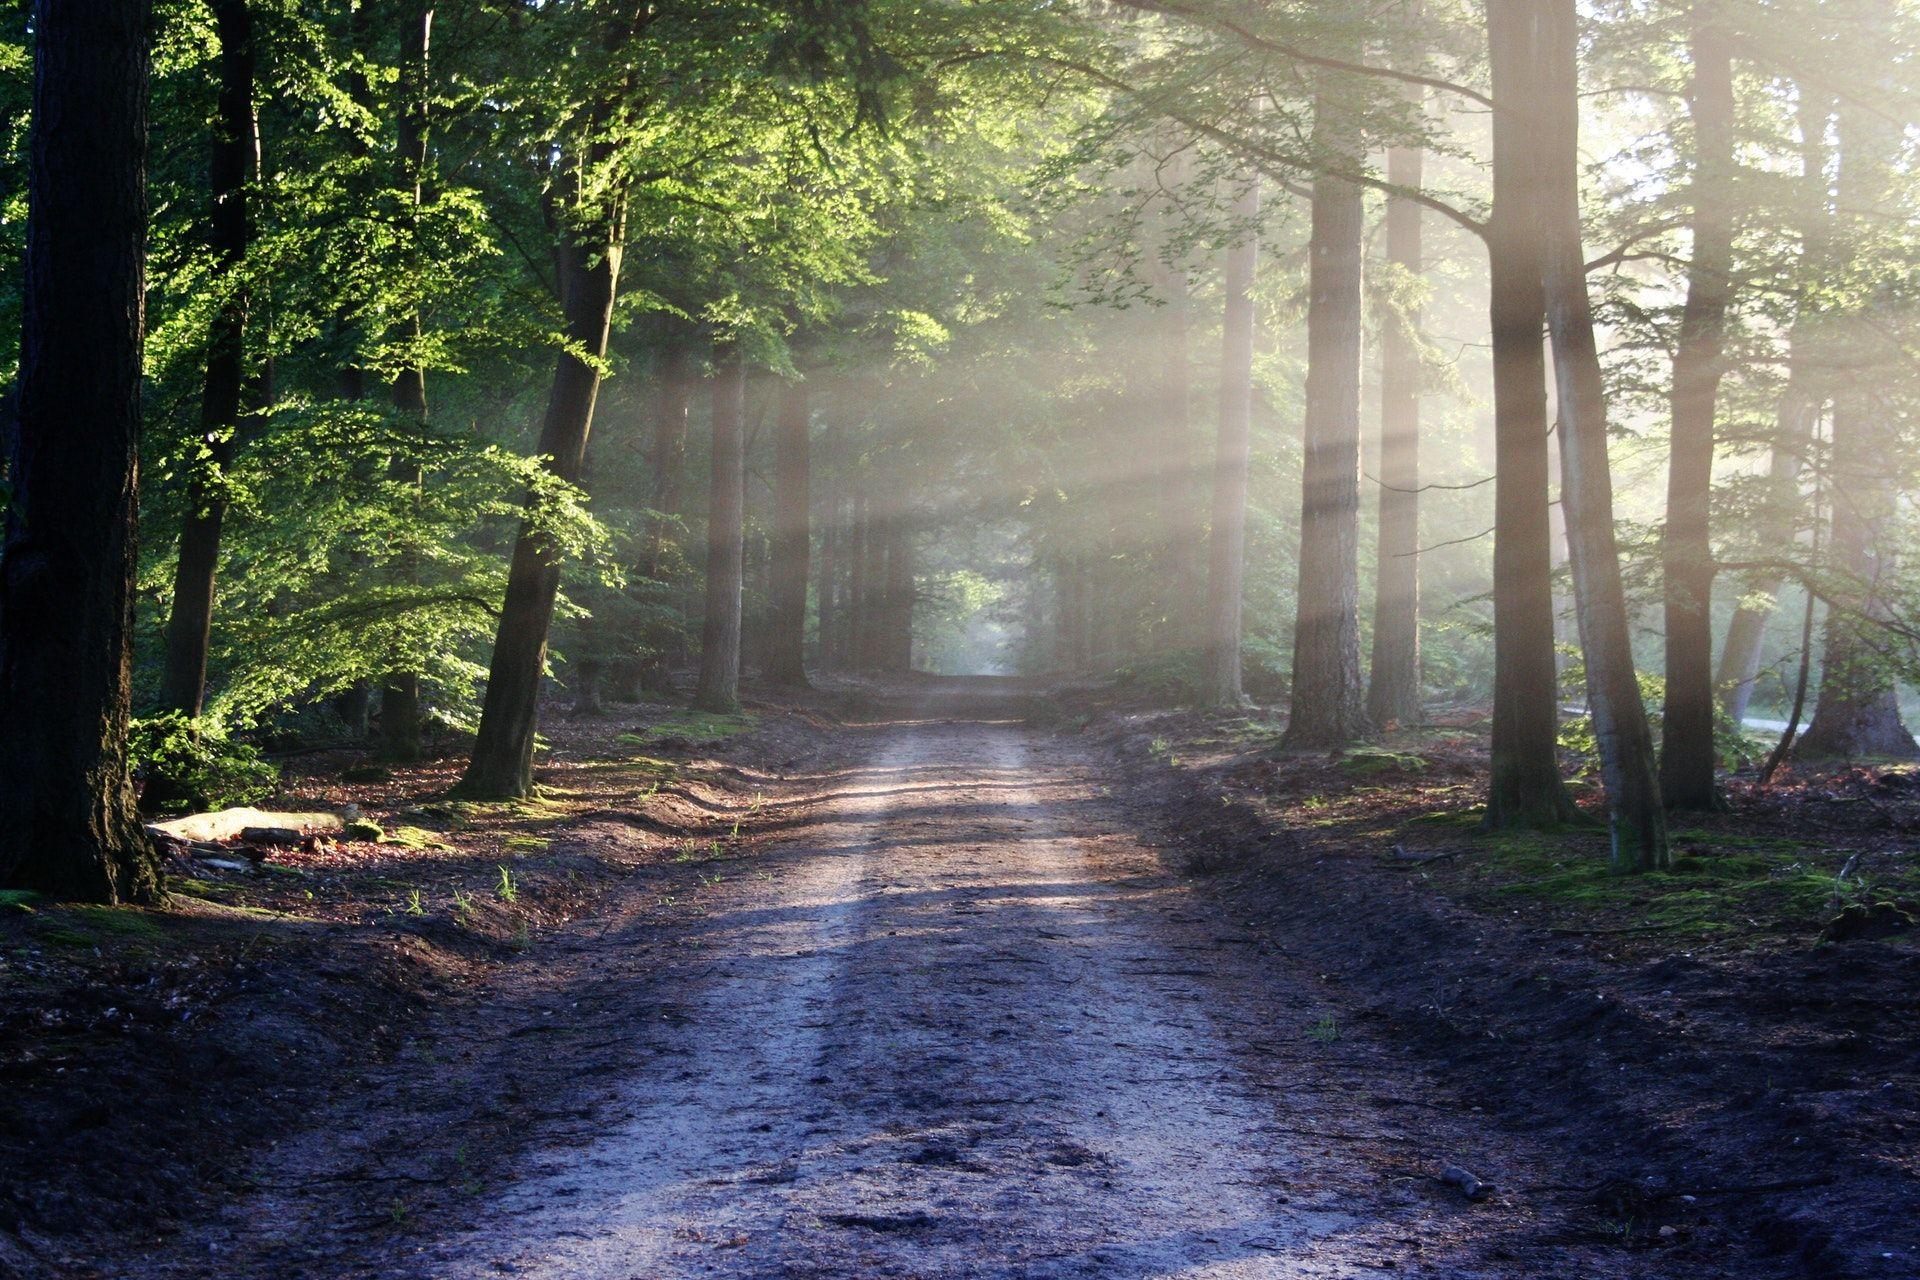 عکس زمینه نور خورشید بین درختان کنار جاده پس زمینه